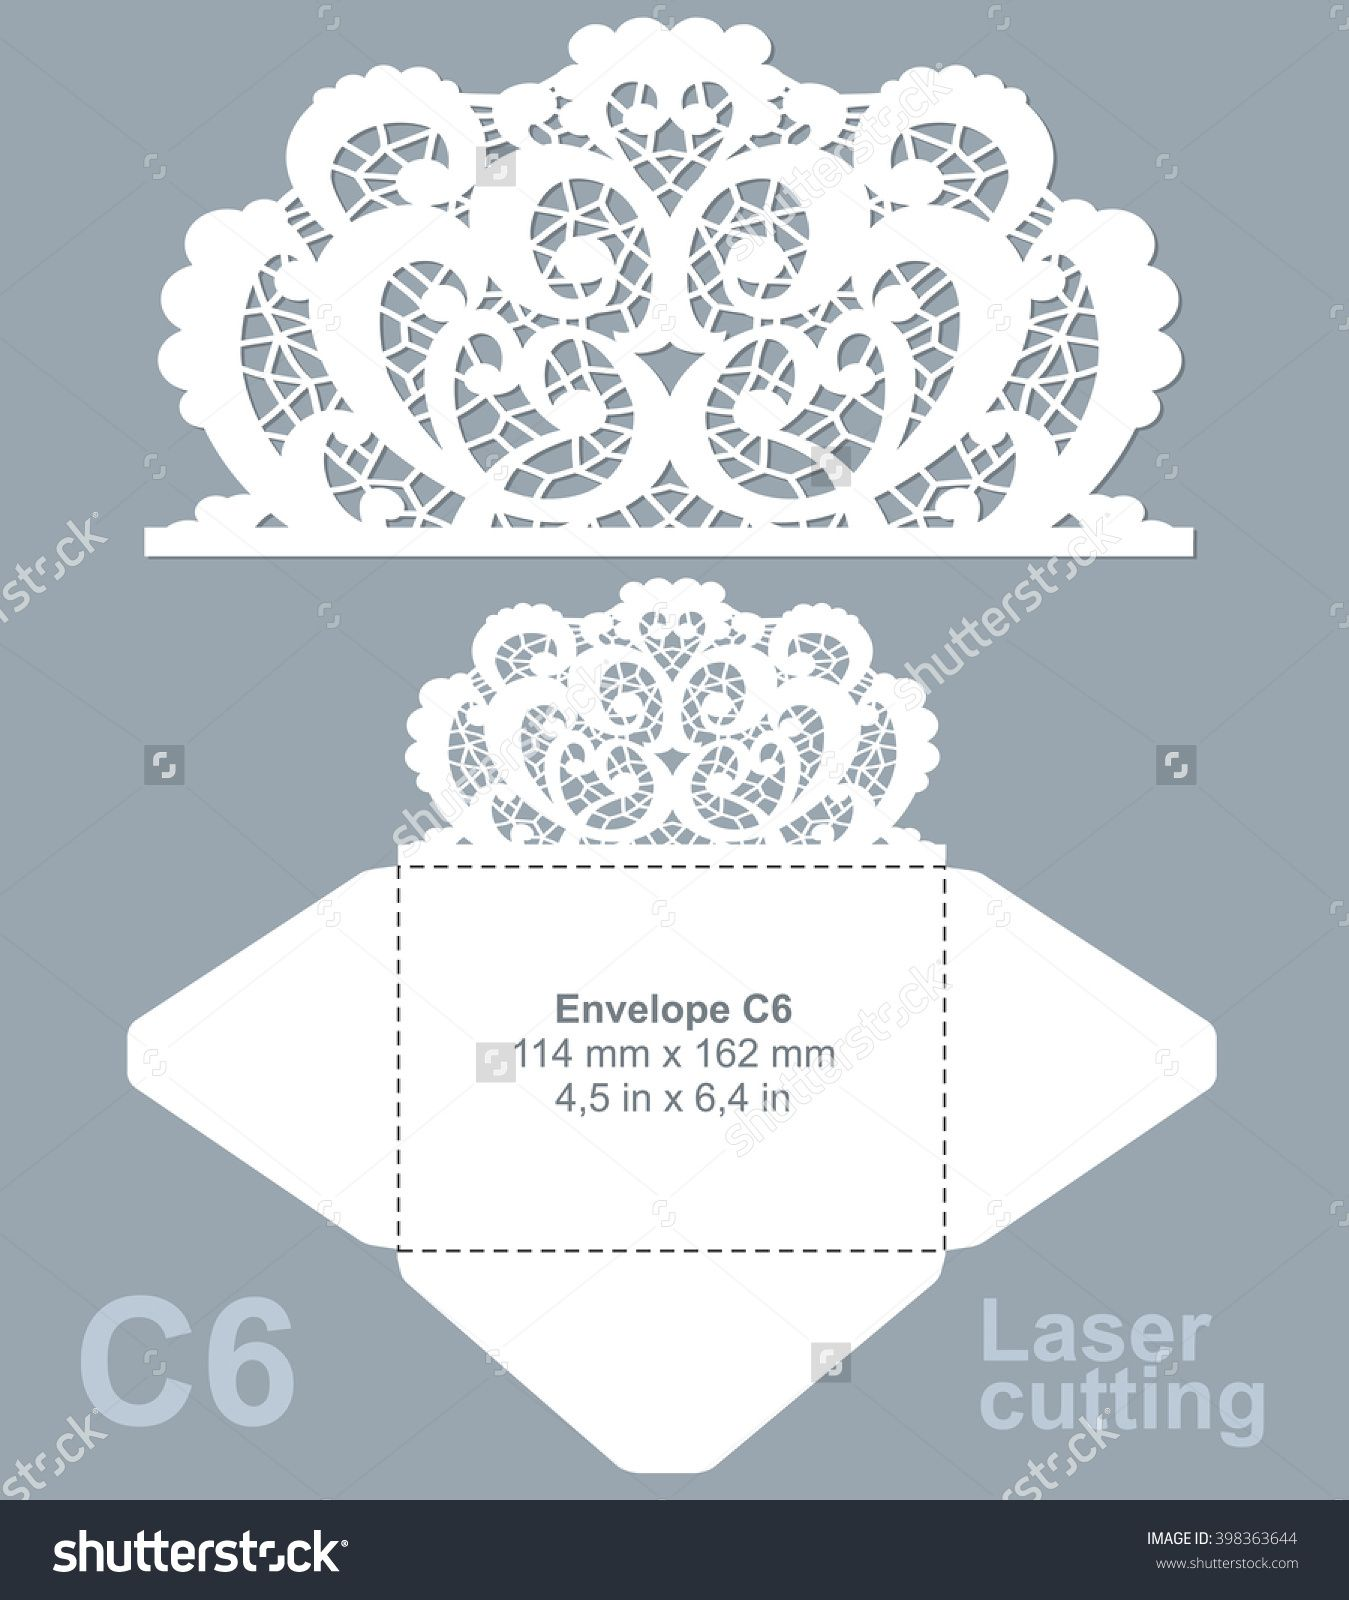 Vector die laser cut envelope template invitation envelope c6 vector die laser cut envelope template invitation envelope c6 wedding lace invitation mockup stopboris Choice Image